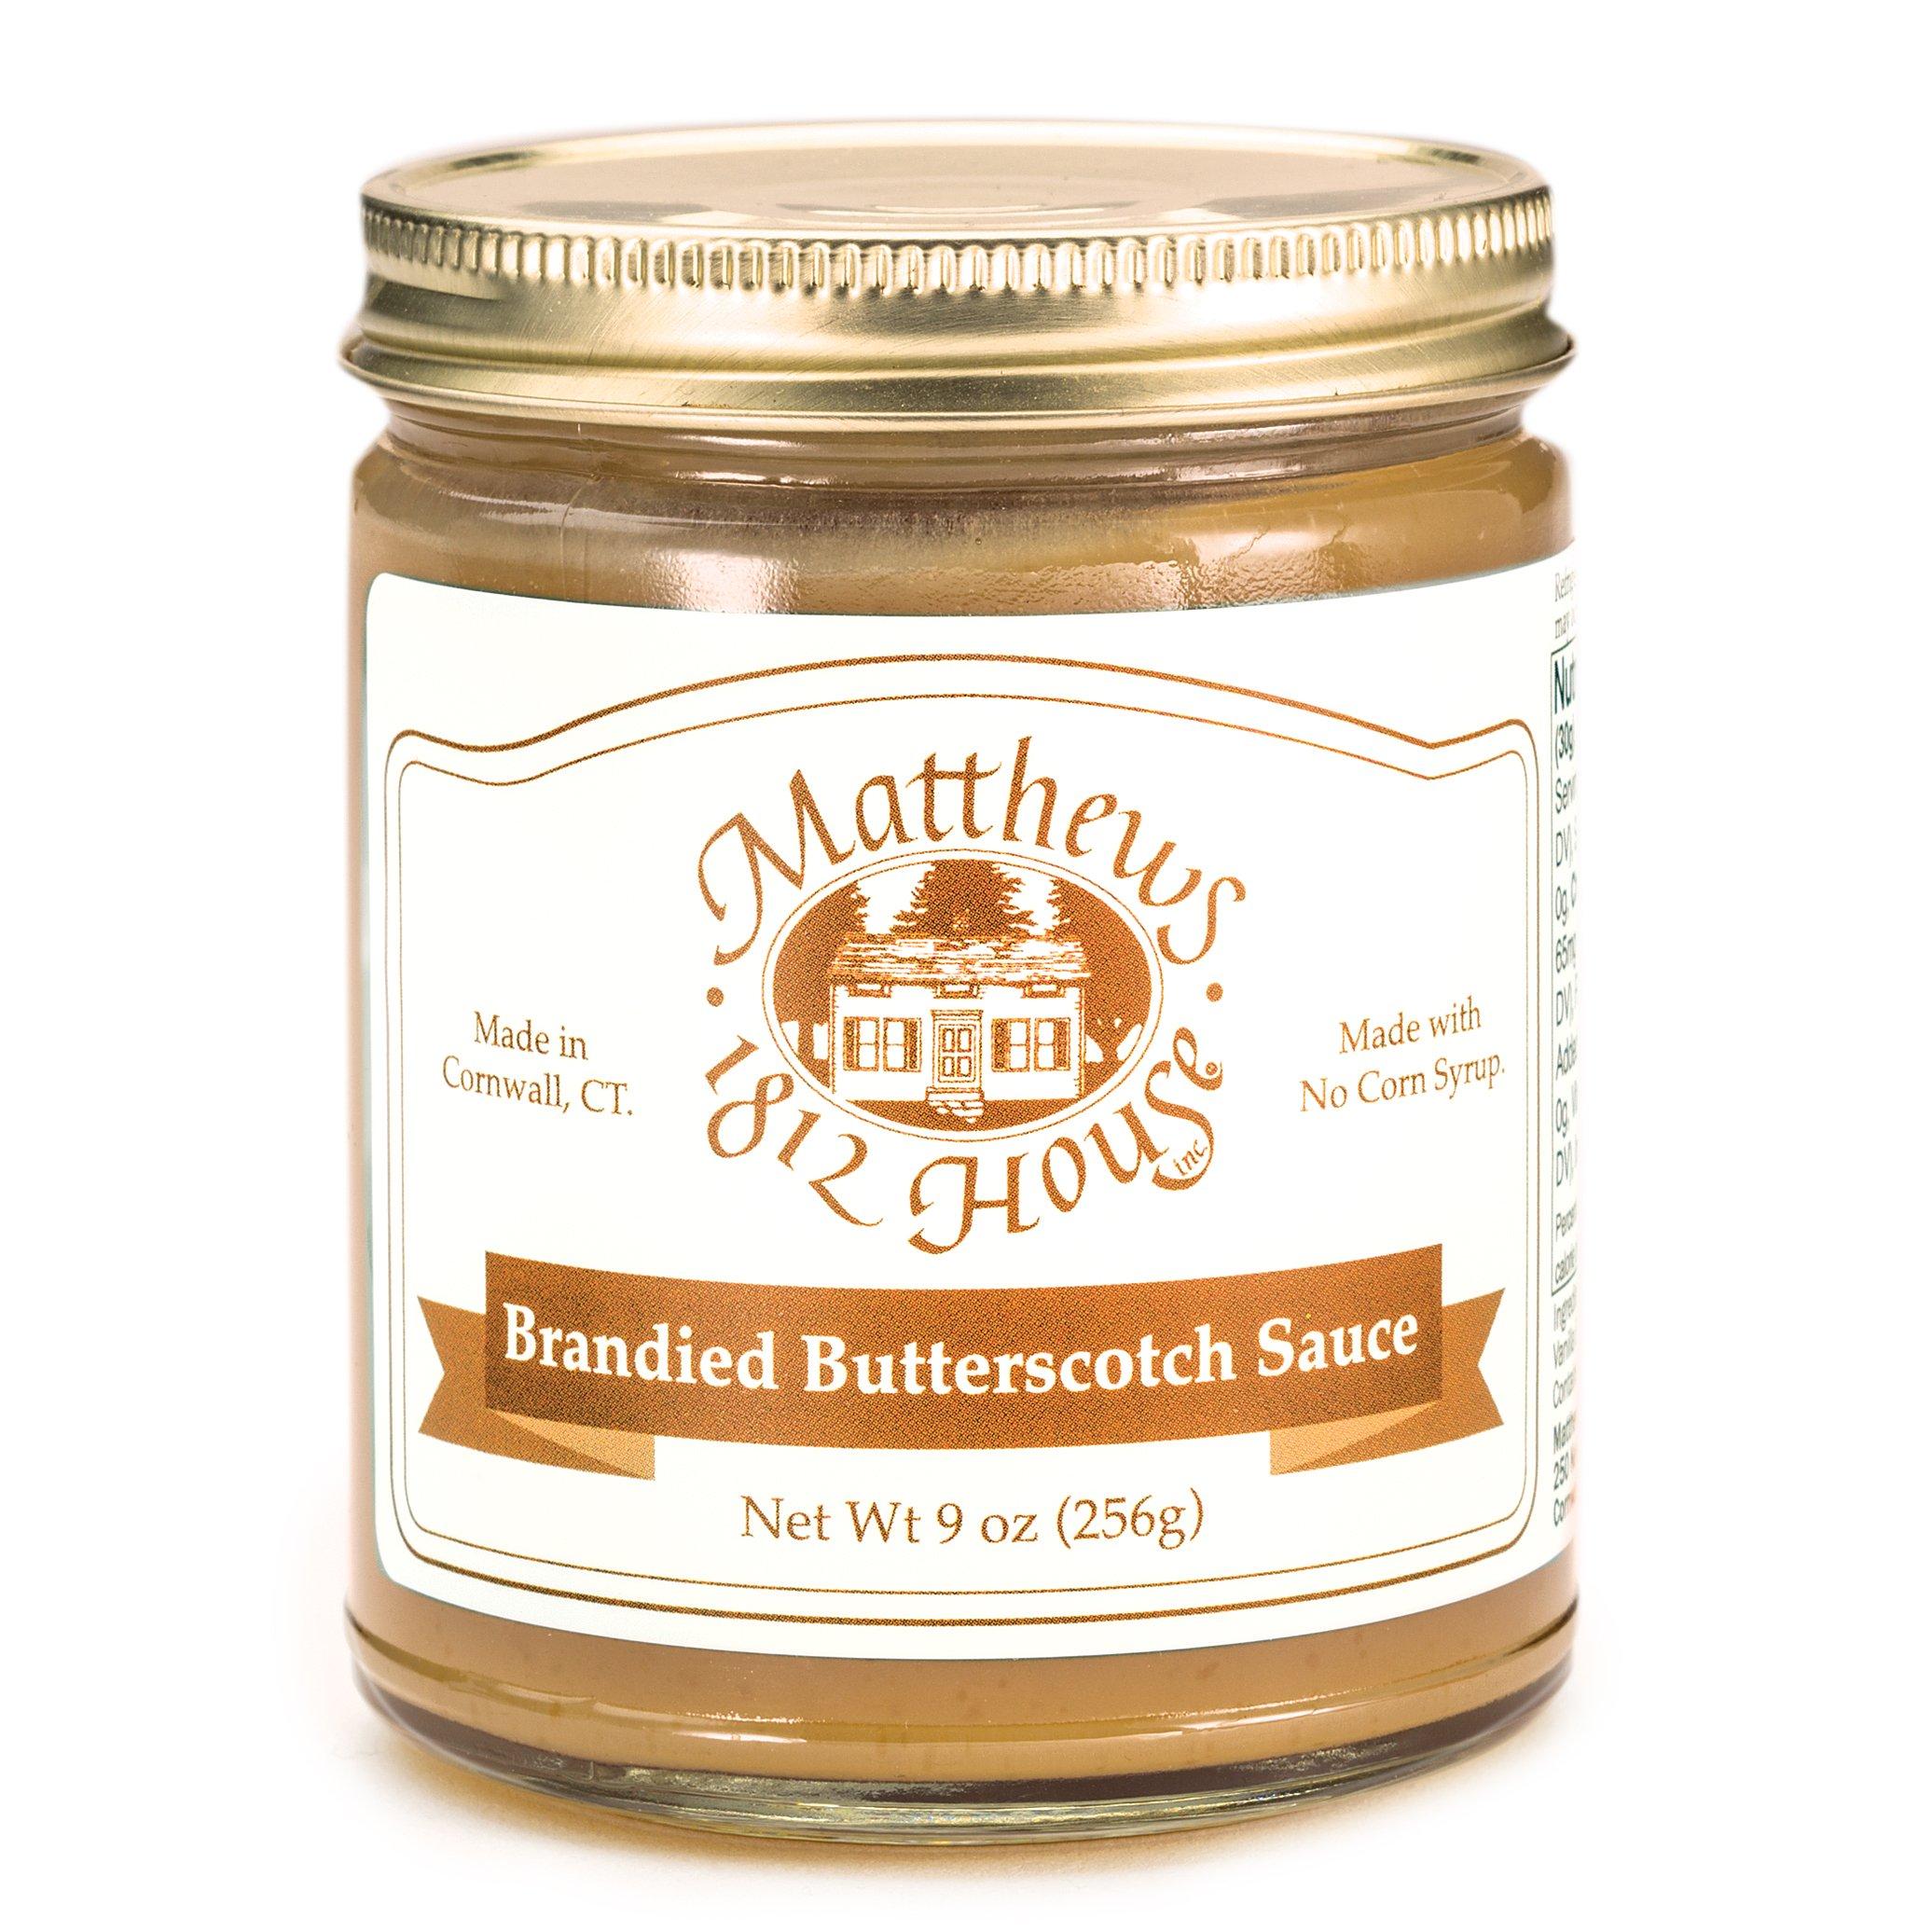 Matthews 1812 House Brandied Butterscotch Sauce 10 oz by Matthews 1812 House (Image #1)